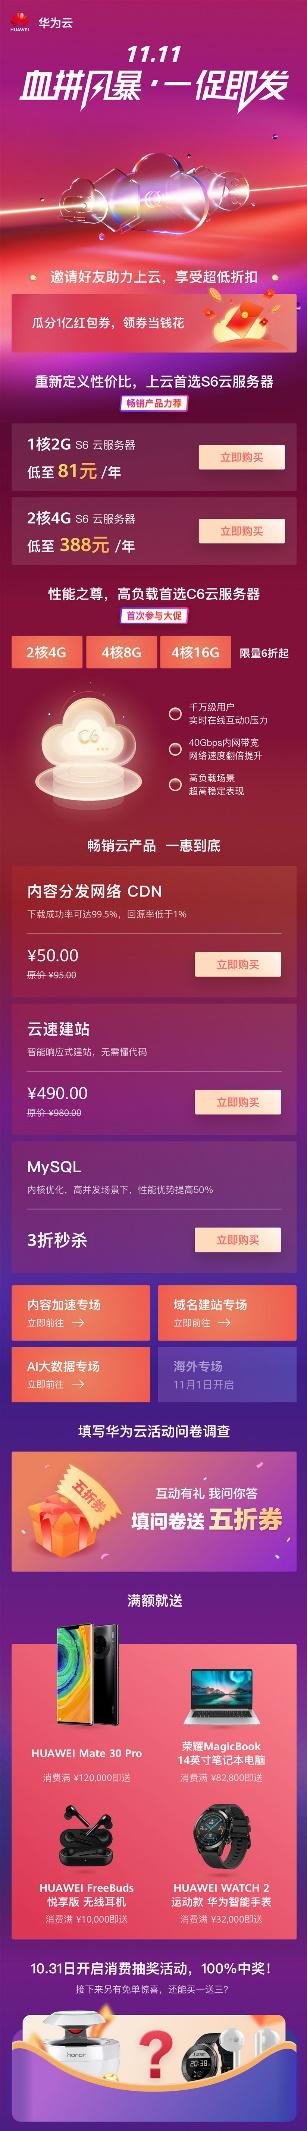 """高交会华为云将占两大""""智高点"""": AI+鲲鹏云服务"""